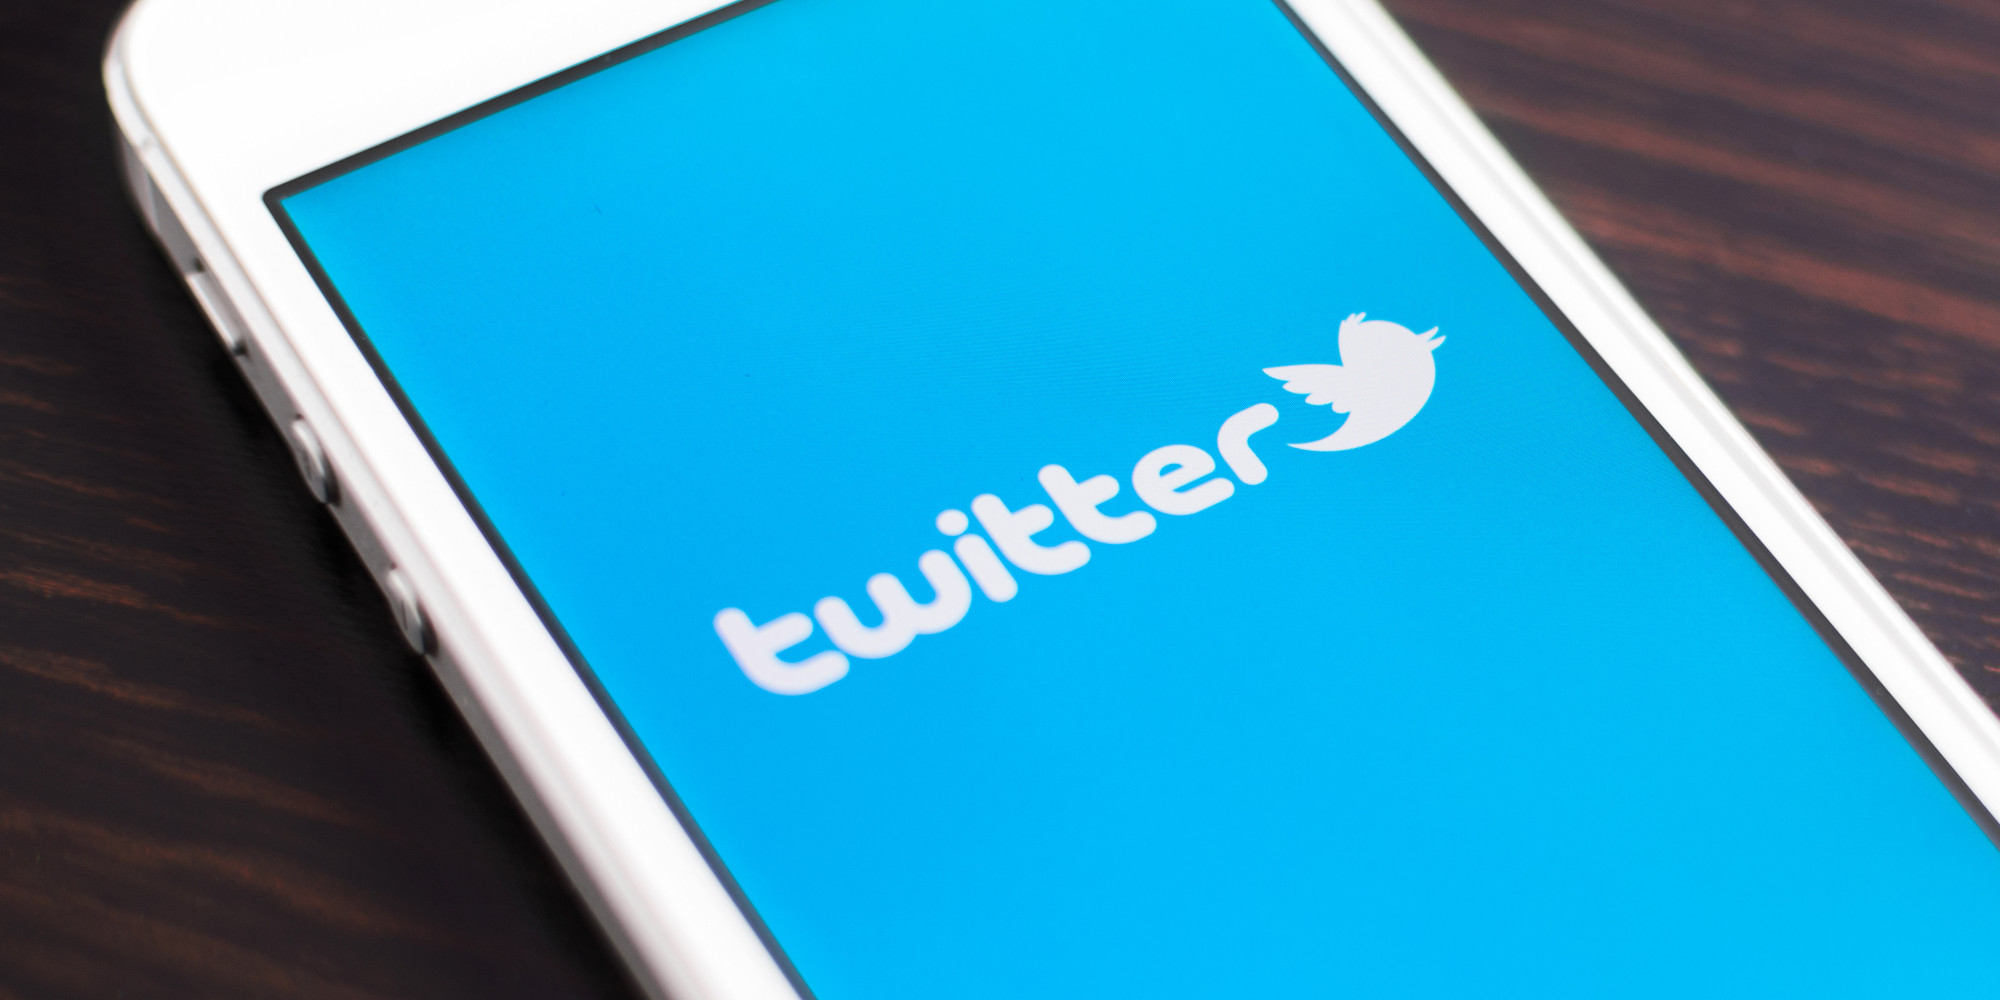 Twitter: arrivano nuove funzionalità della fotocamera